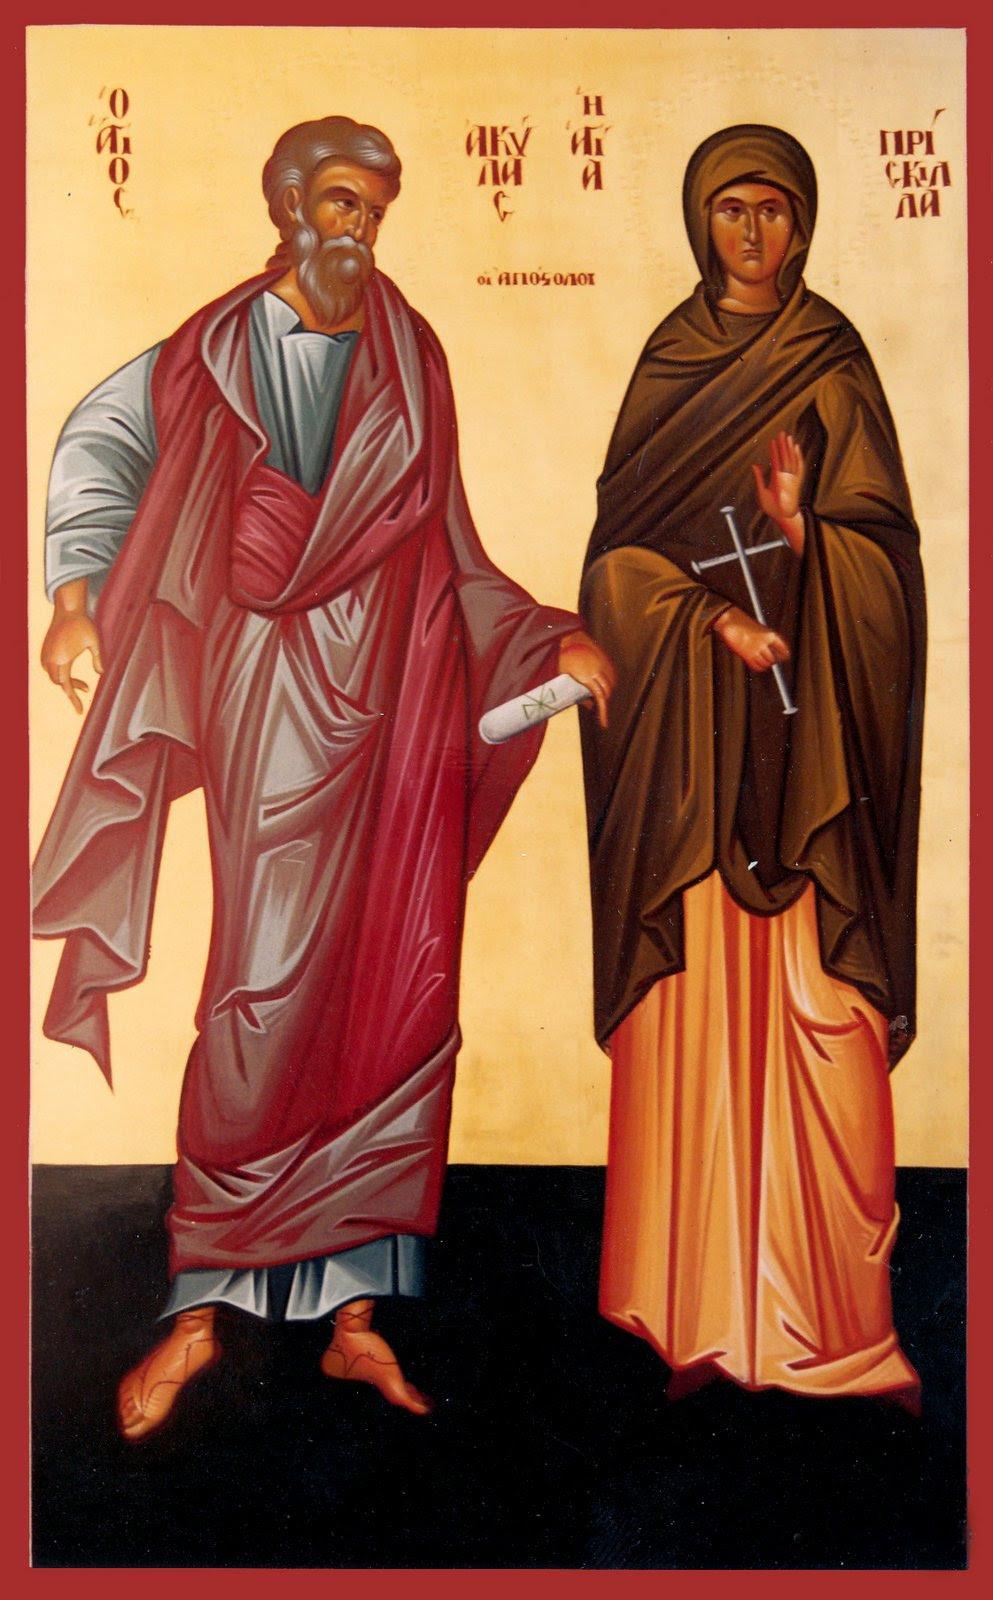 Αποτέλεσμα εικόνας για αγιοι ακυλας και πρισκιλλα